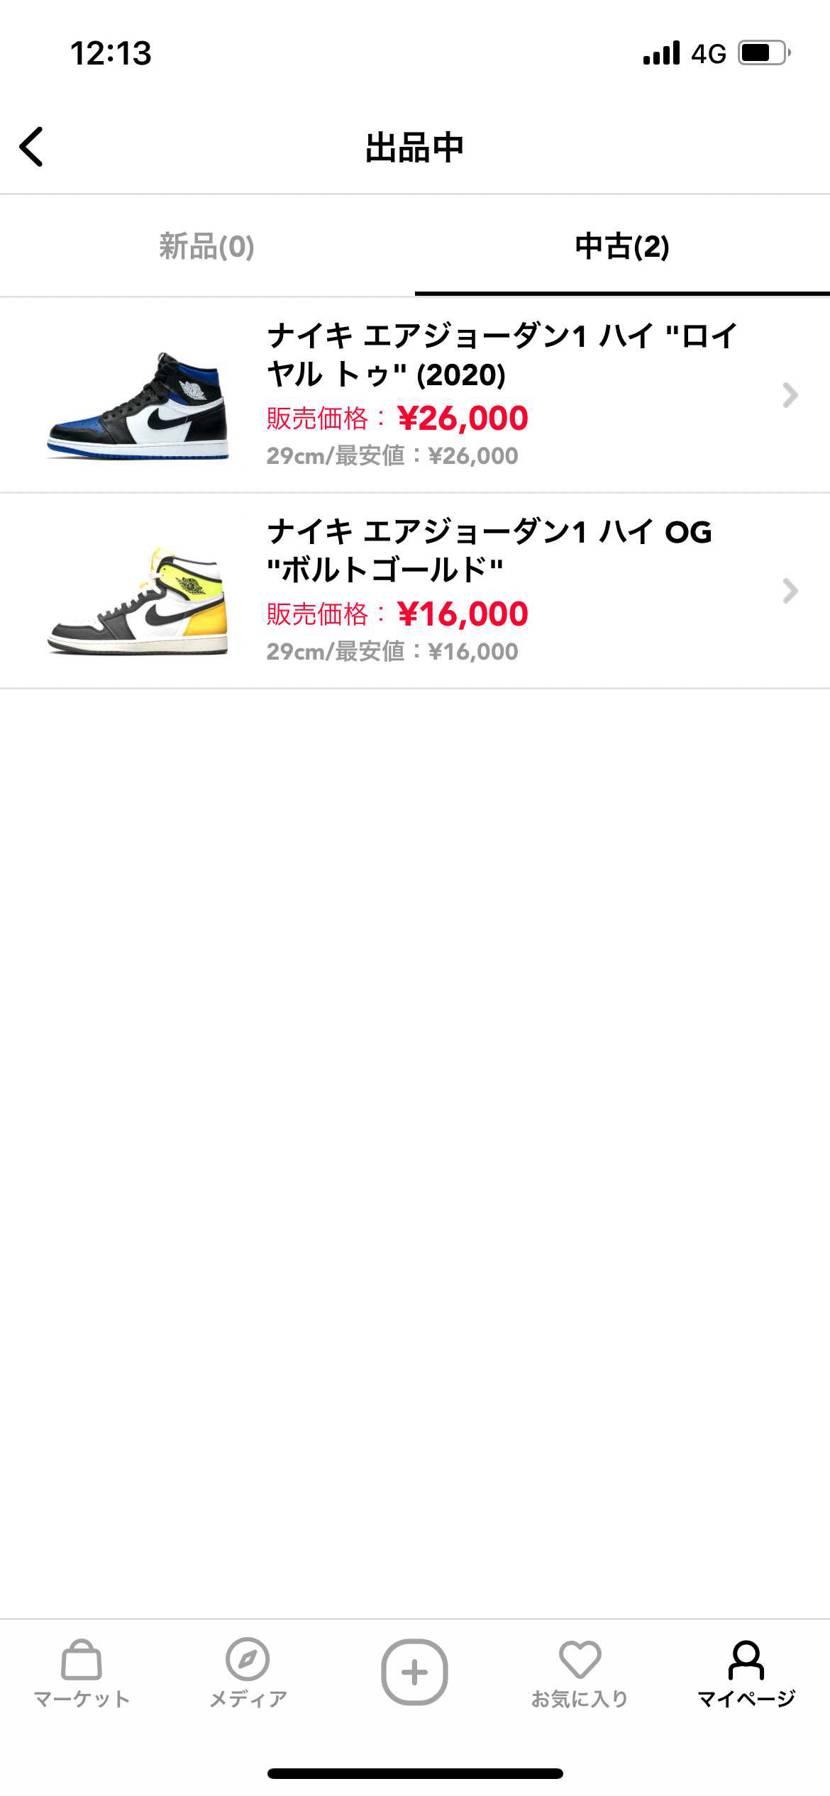 スニーカーが多くなってきたためとてもお安く出品させていただきました。 ご検討宜